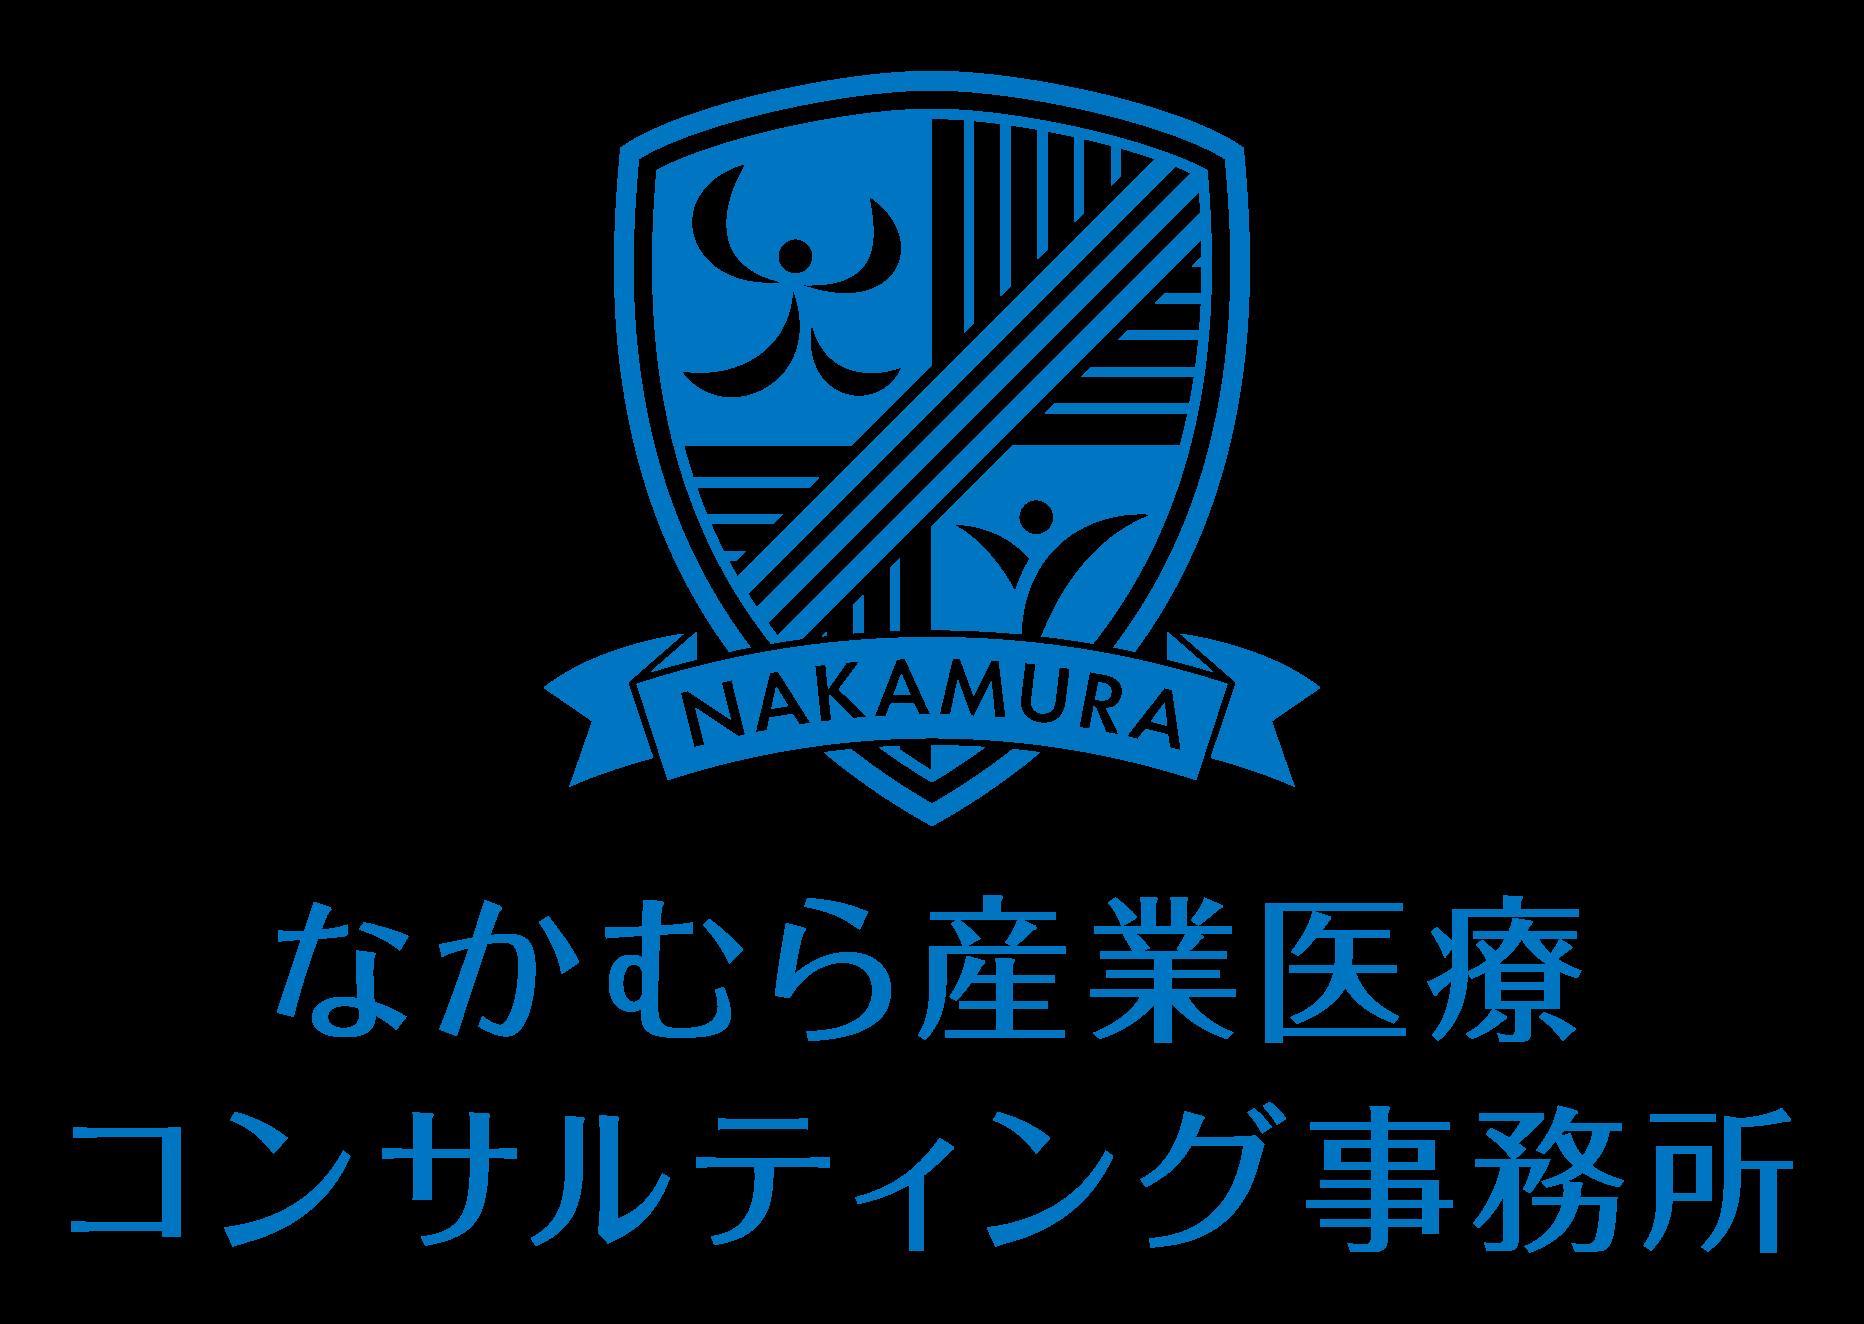 病院/クリニック/治療院/薬局とエンブレム・家紋と青のロゴ